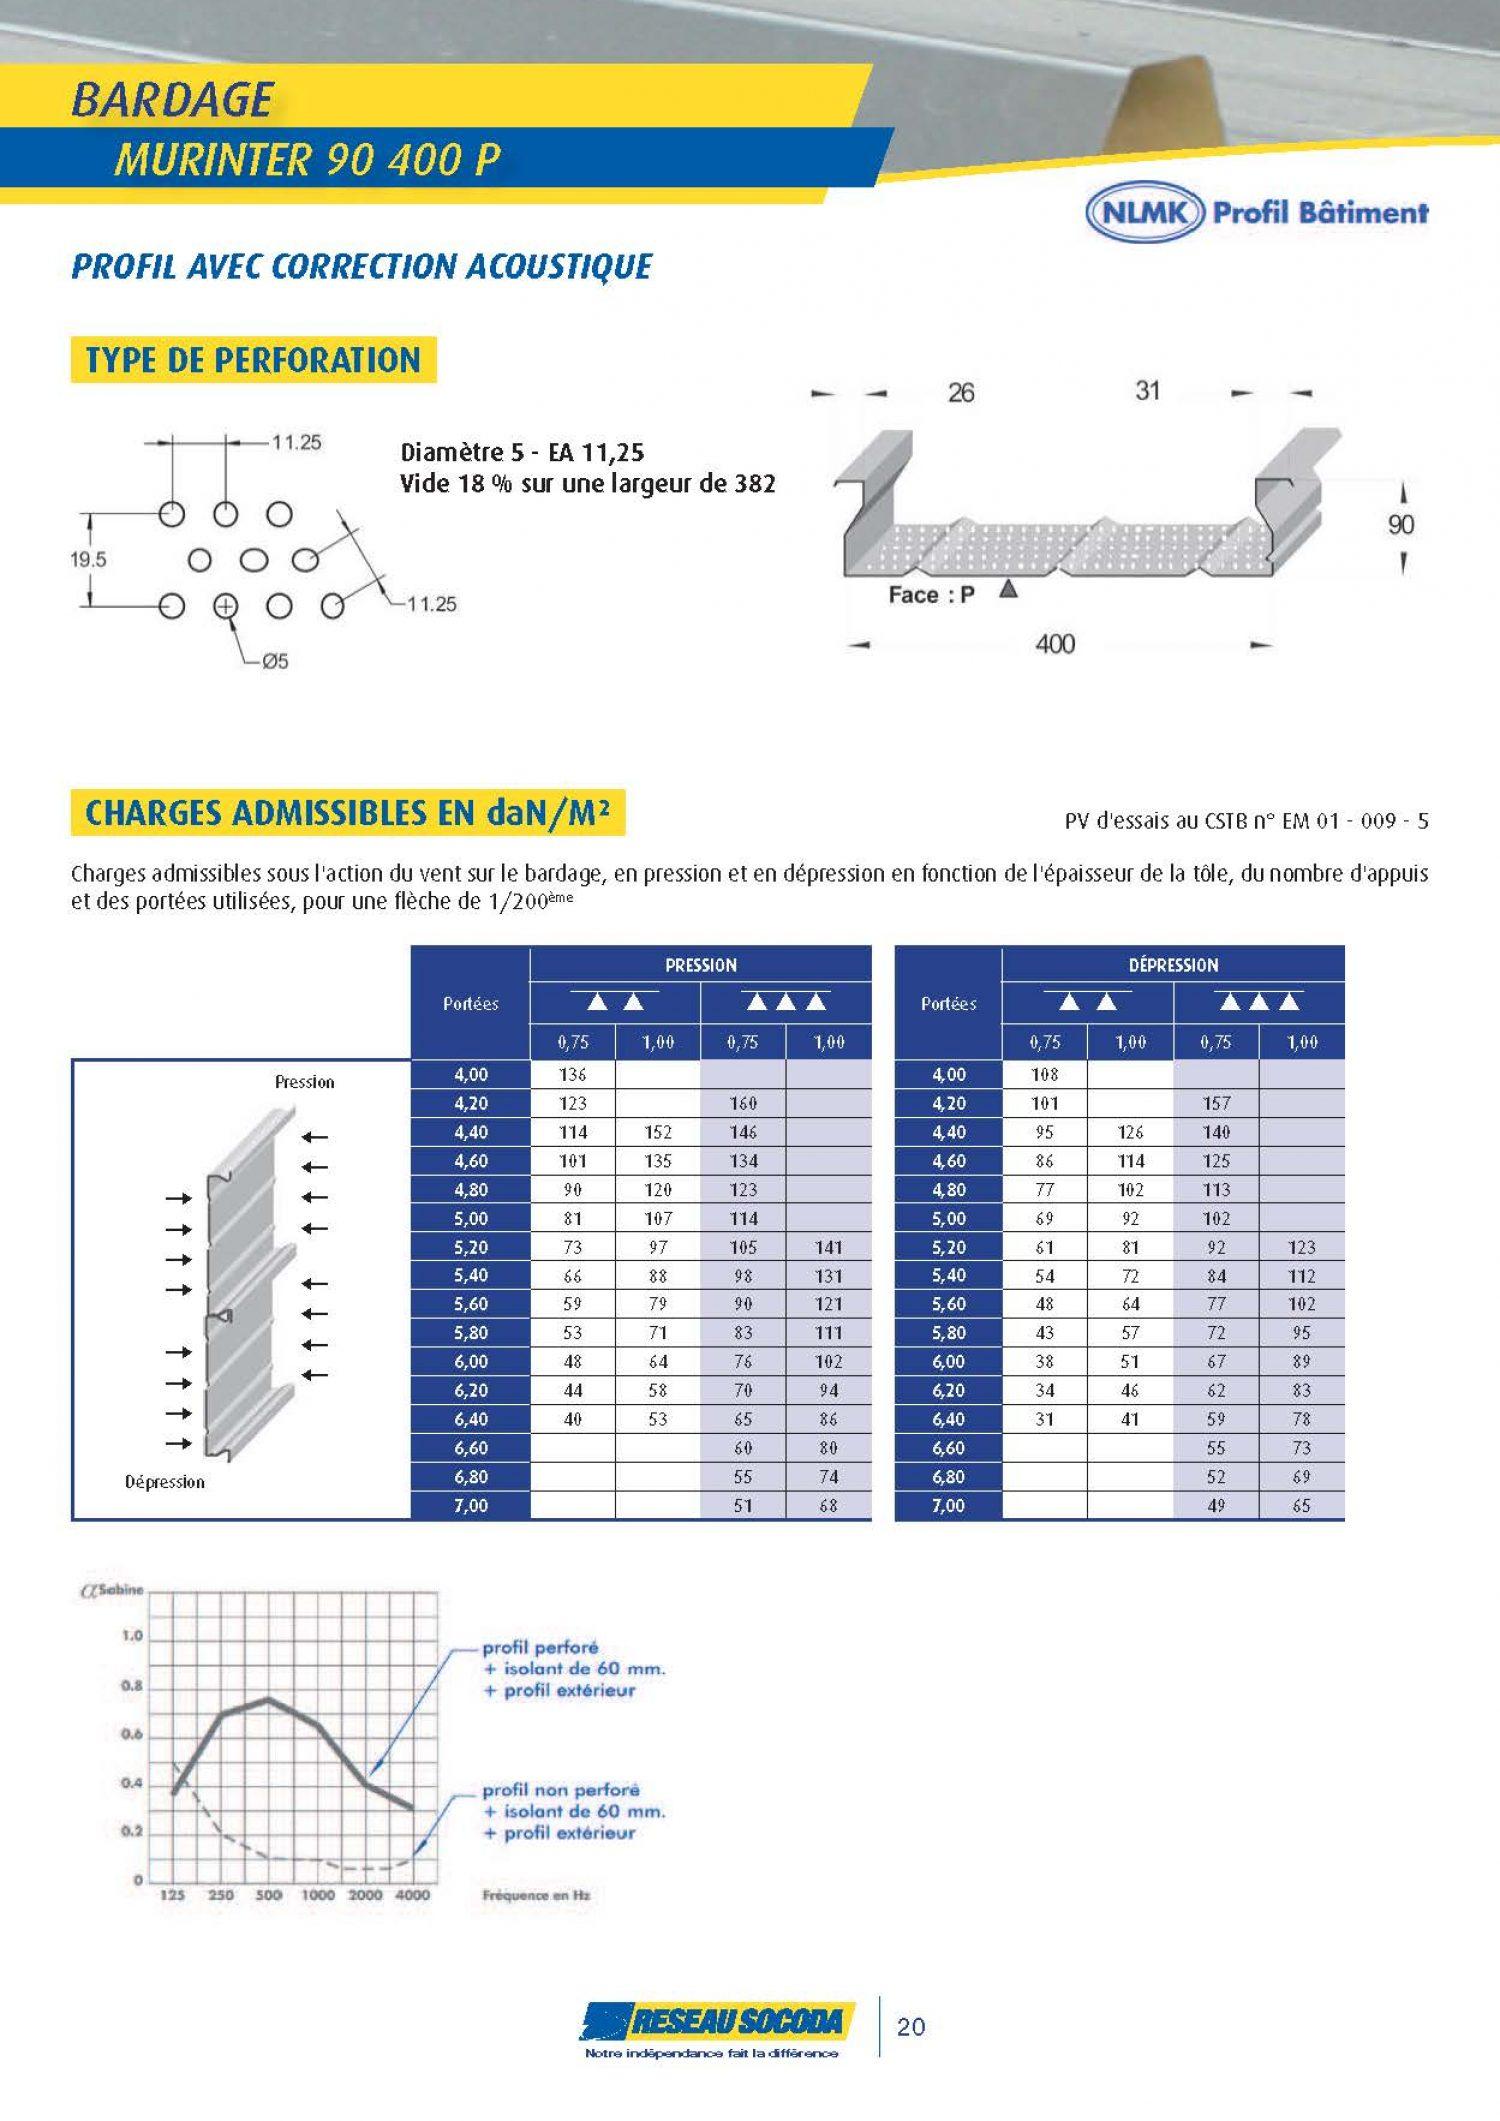 GERMOND_2014 PROFIL BATIMENT_20140324-184231_Page_20